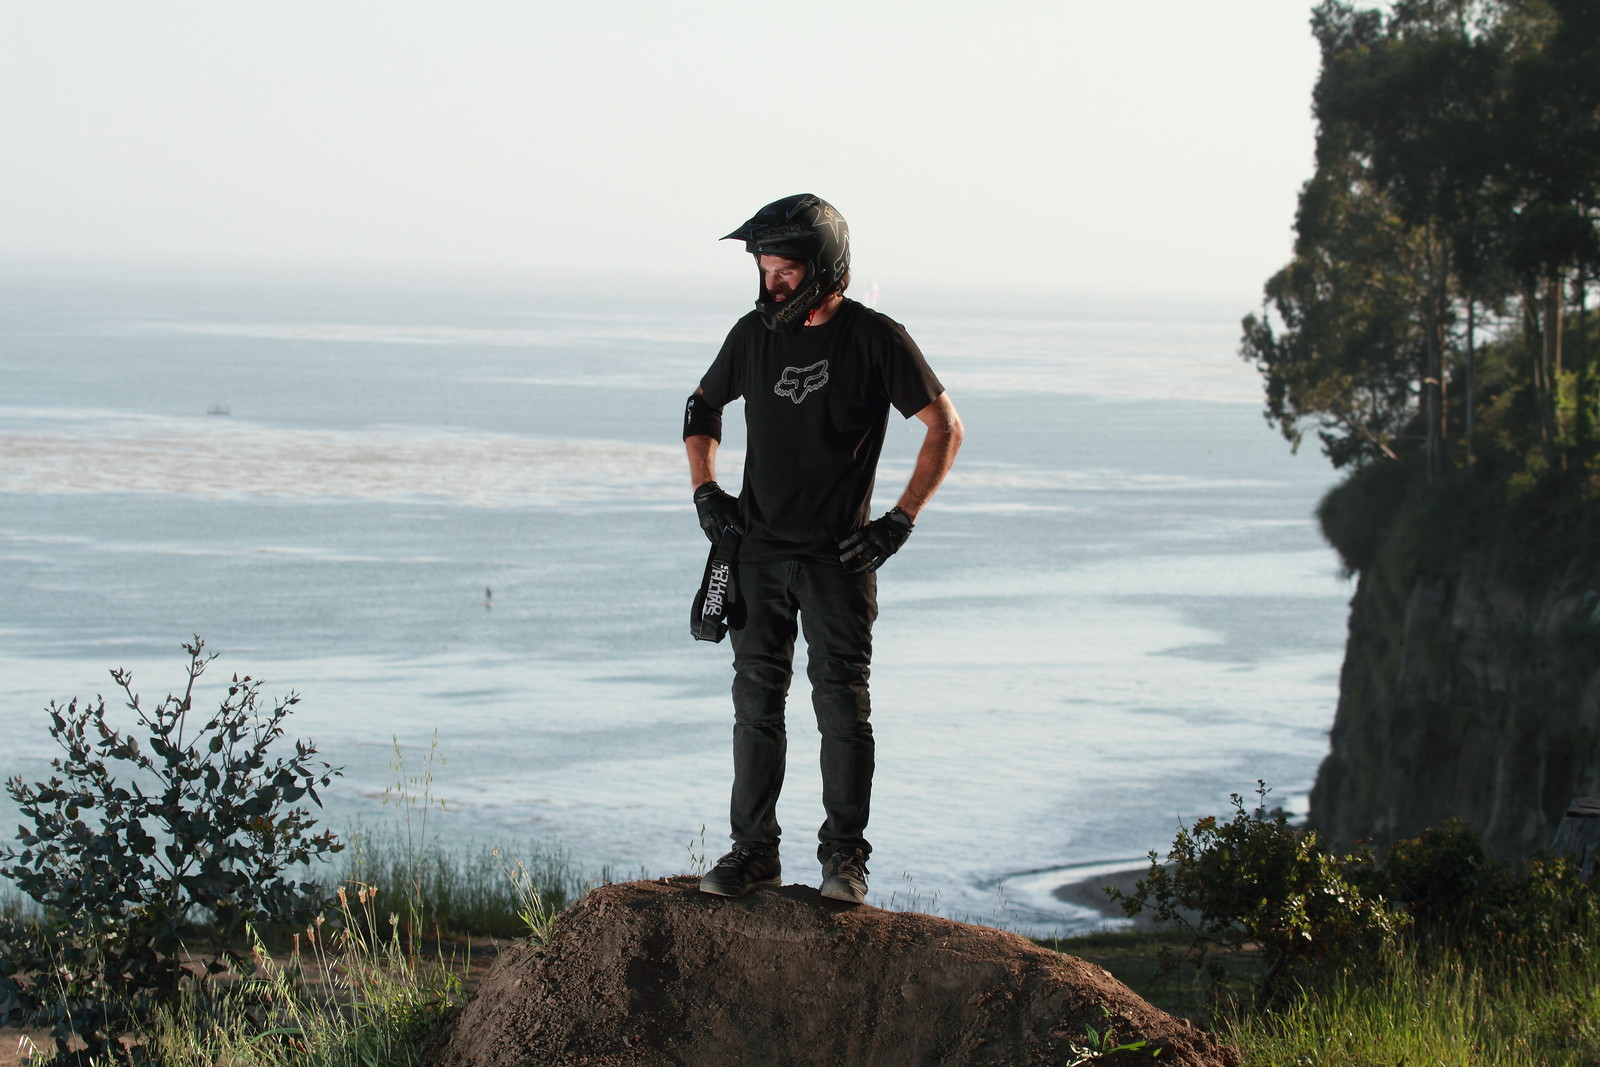 Cam McCaul - JTalatzko - Mountain Biking Pictures - Vital MTB